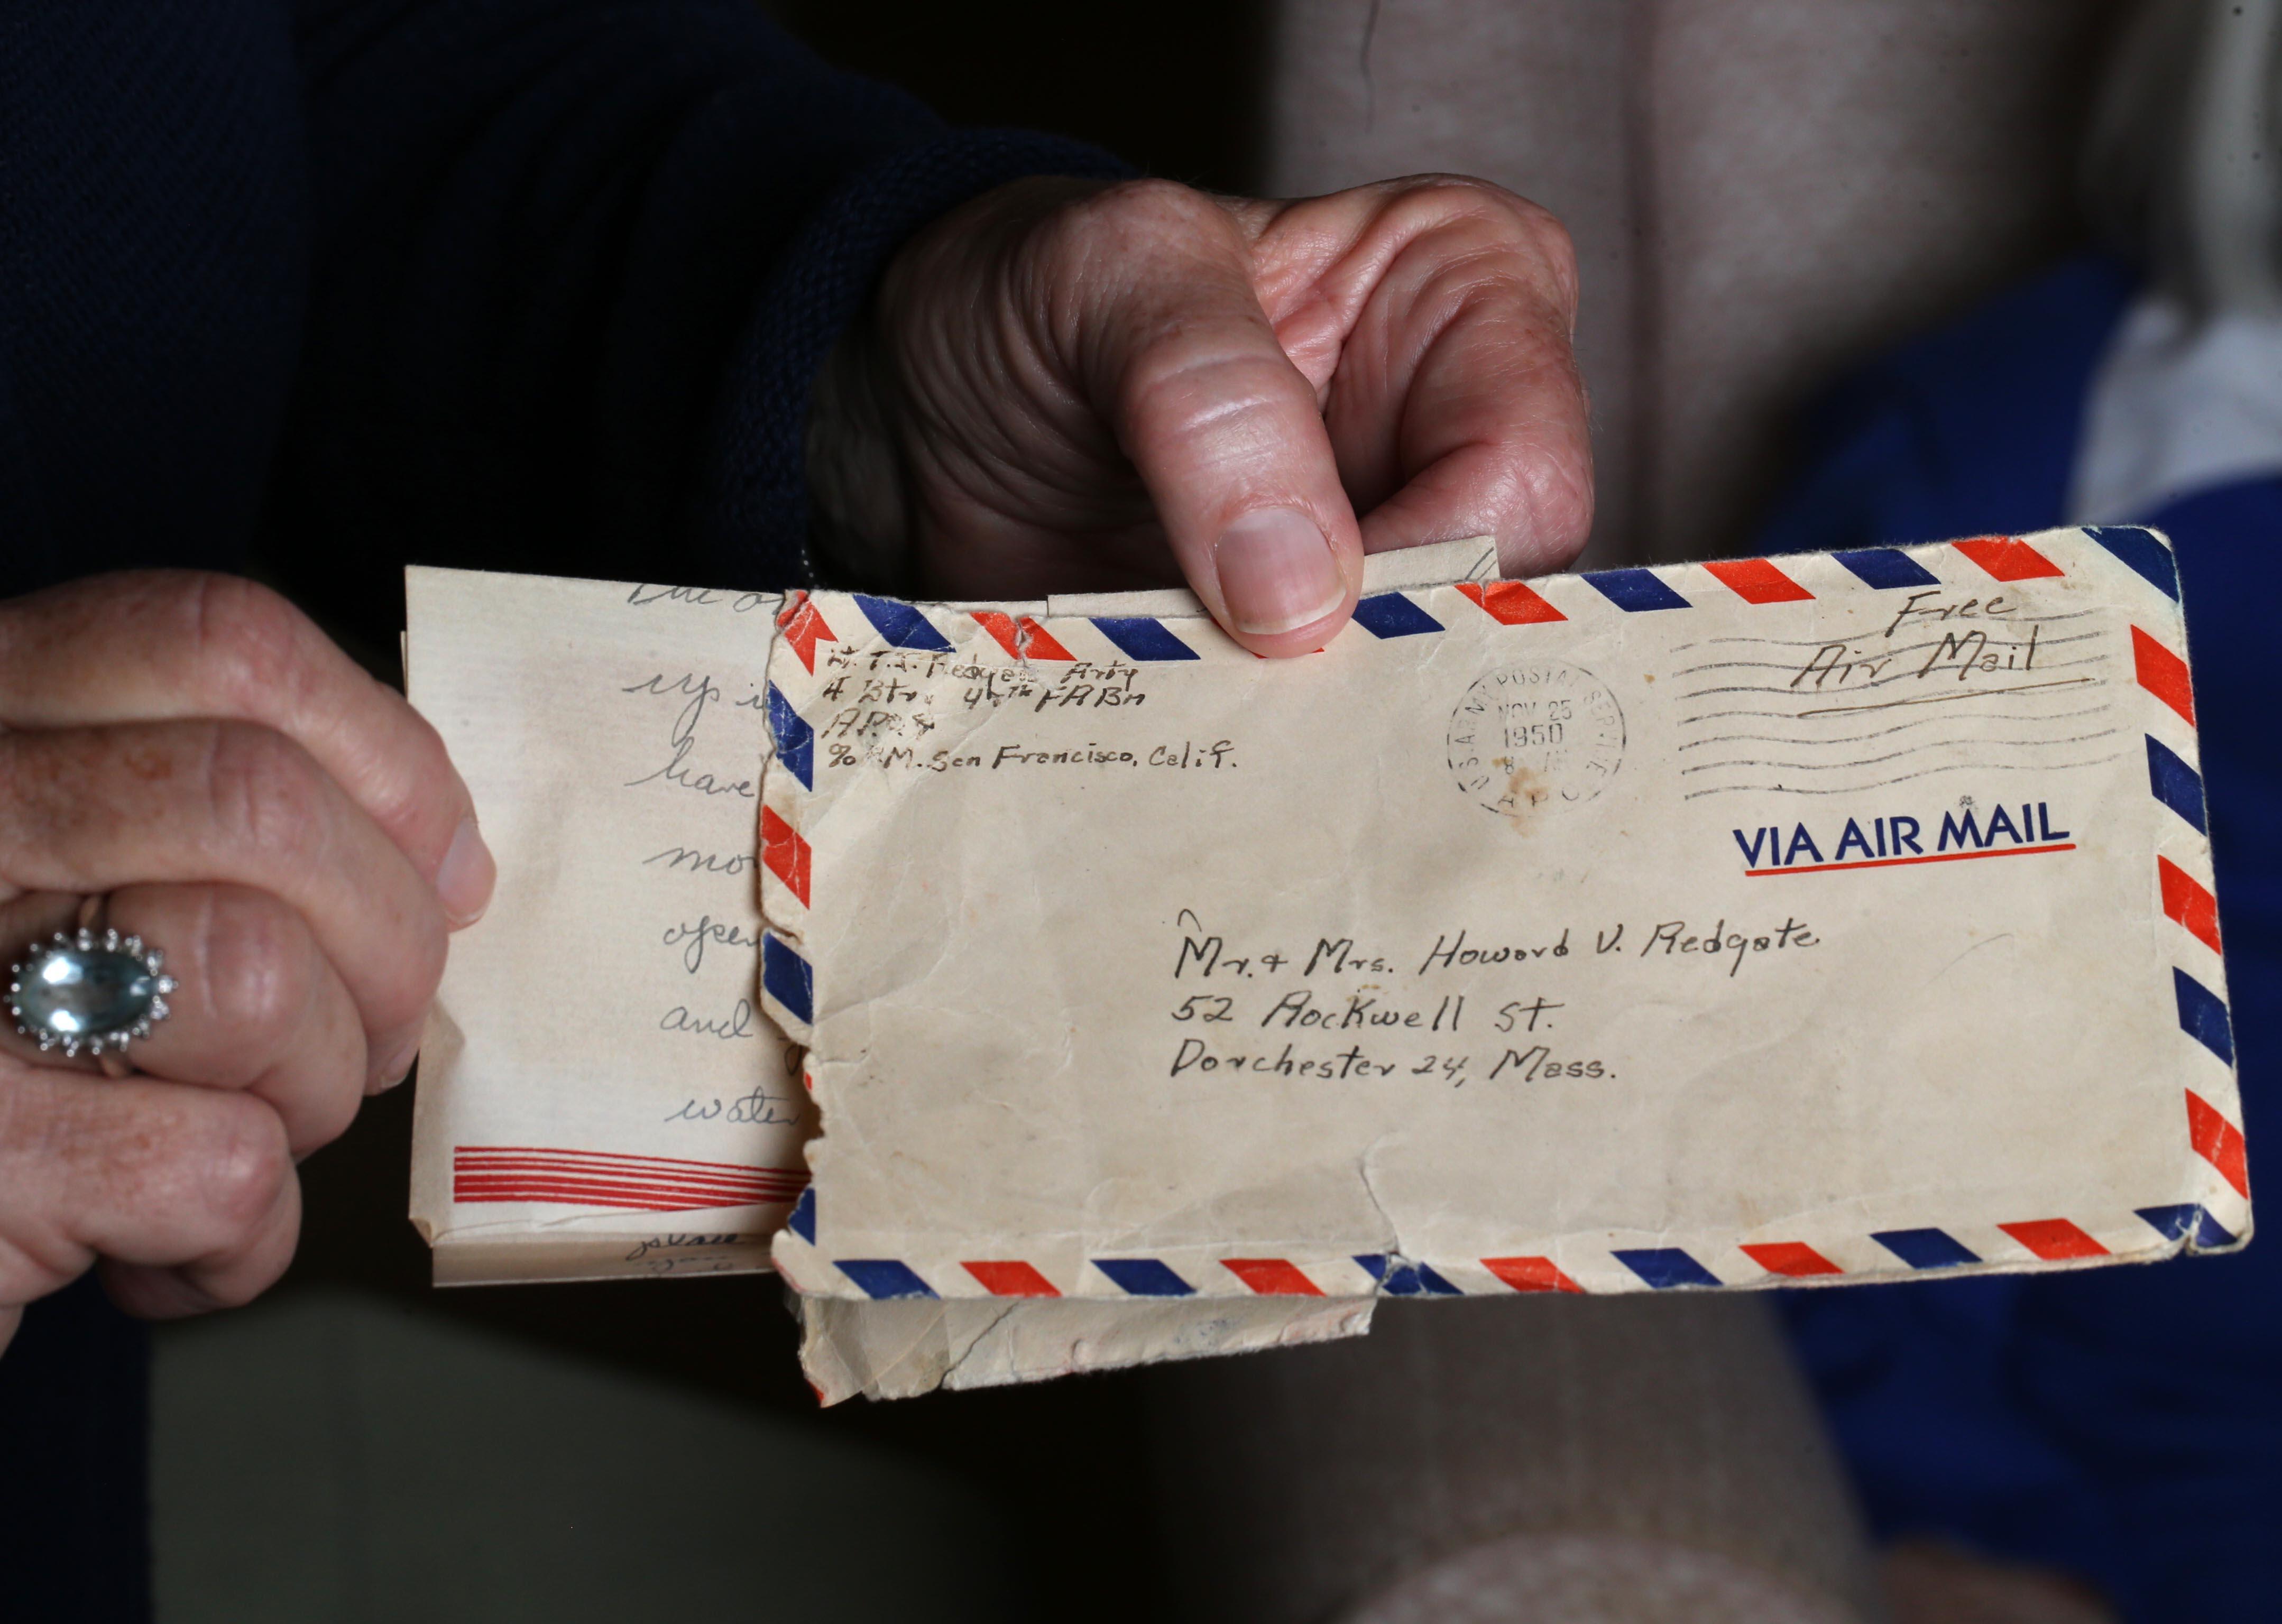 미국 육군의 토마스 J 레드 게이트 중위는 1950 년 한국 전쟁 중에 전투에서 살해되었을 때 24 세였다. 그는 결국 뼈에서 9 월 17 일에 휴식 할 수있게되었습니다. 그는 한국 전쟁에서 봉사하는 동안 집에 쓴 편지.